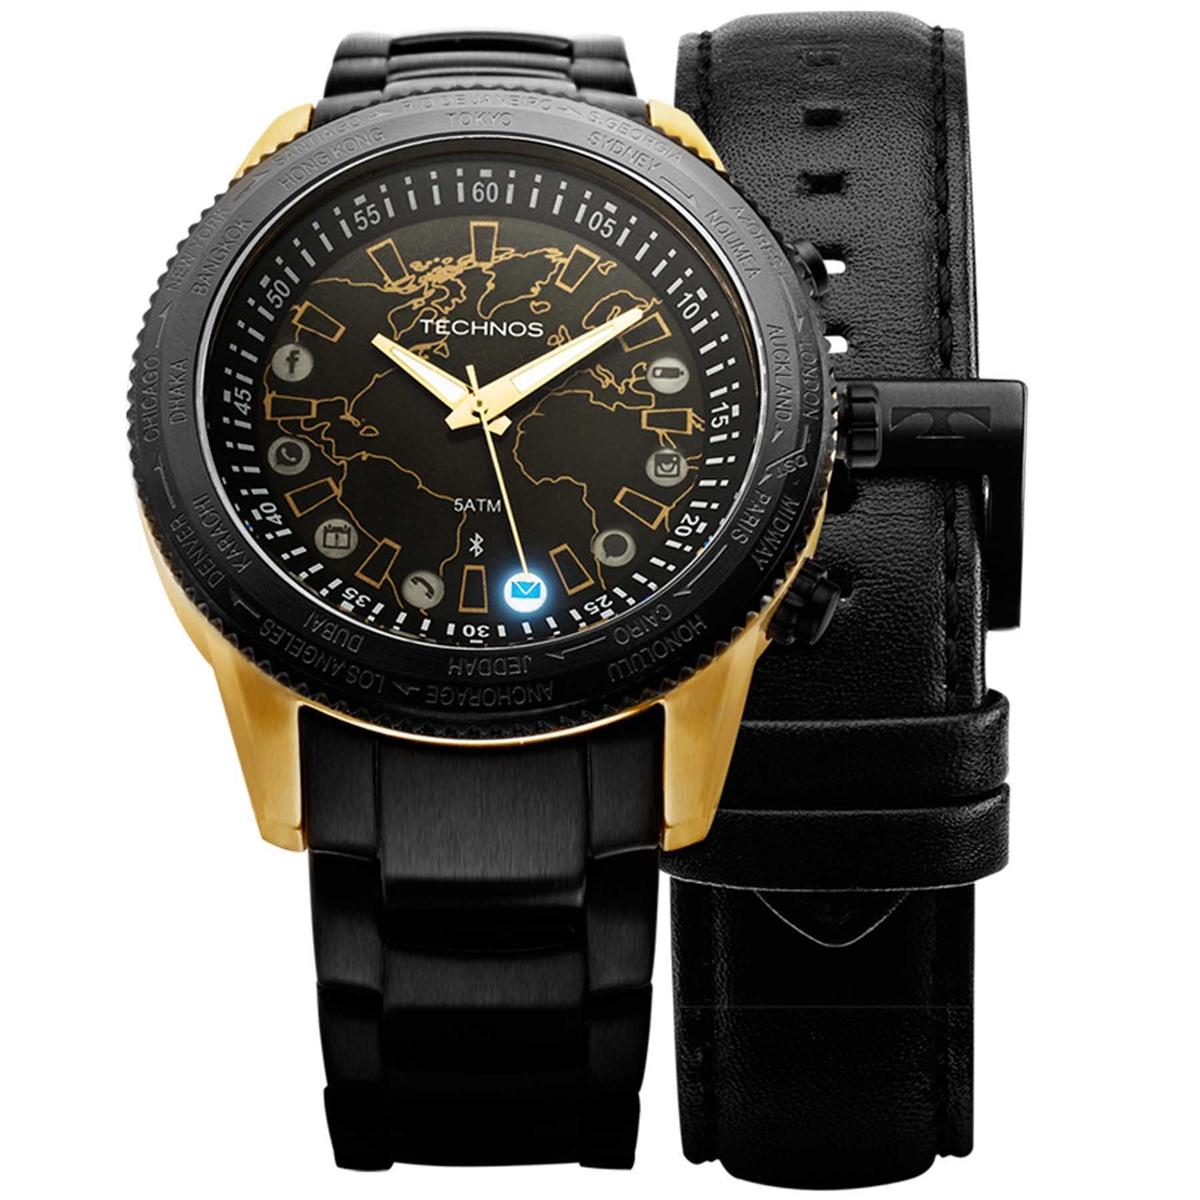 Relógios de Pulso Masculinos   Technos Connect 2.0 - 753 aa 3bceff1400